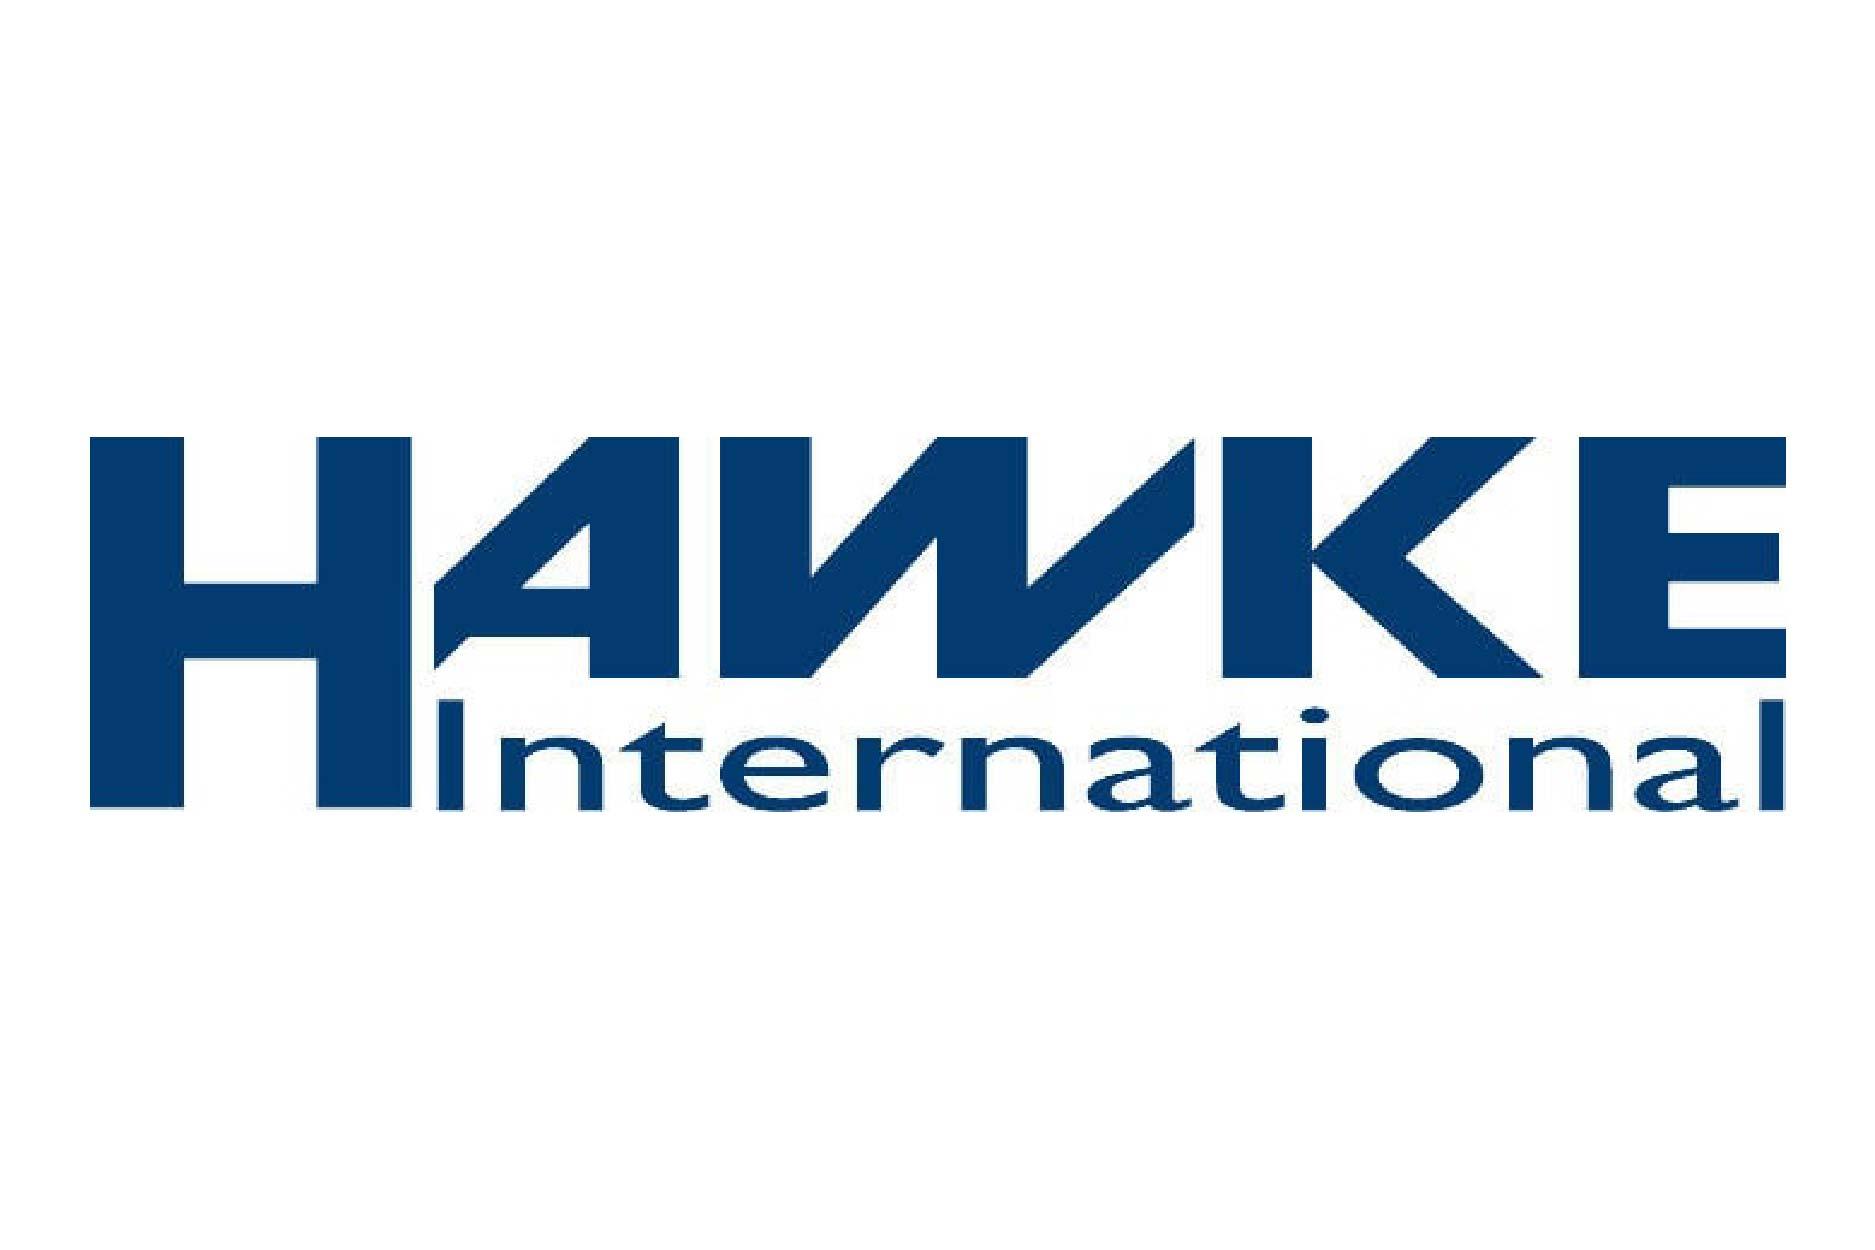 Hawke International